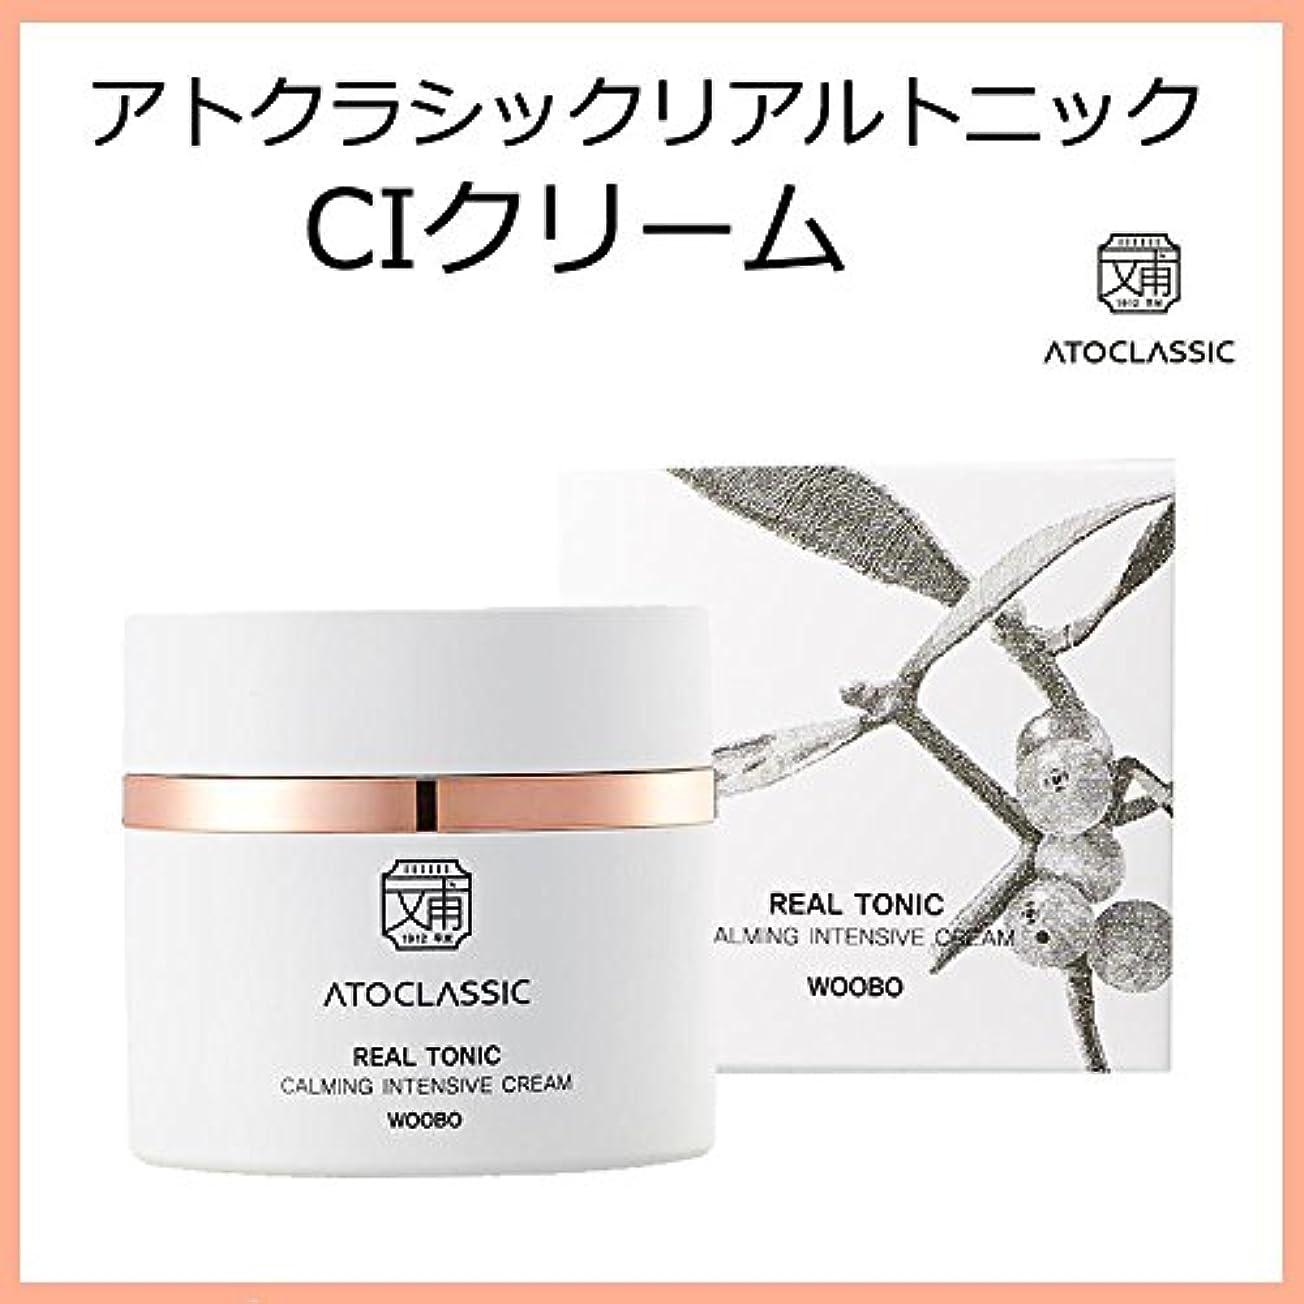 成り立つ自体貝殻韓国コスメ ATOCLASSIC アトクラシックリアルトニック CIクリーム(Calming Intensive Cream) 50ml